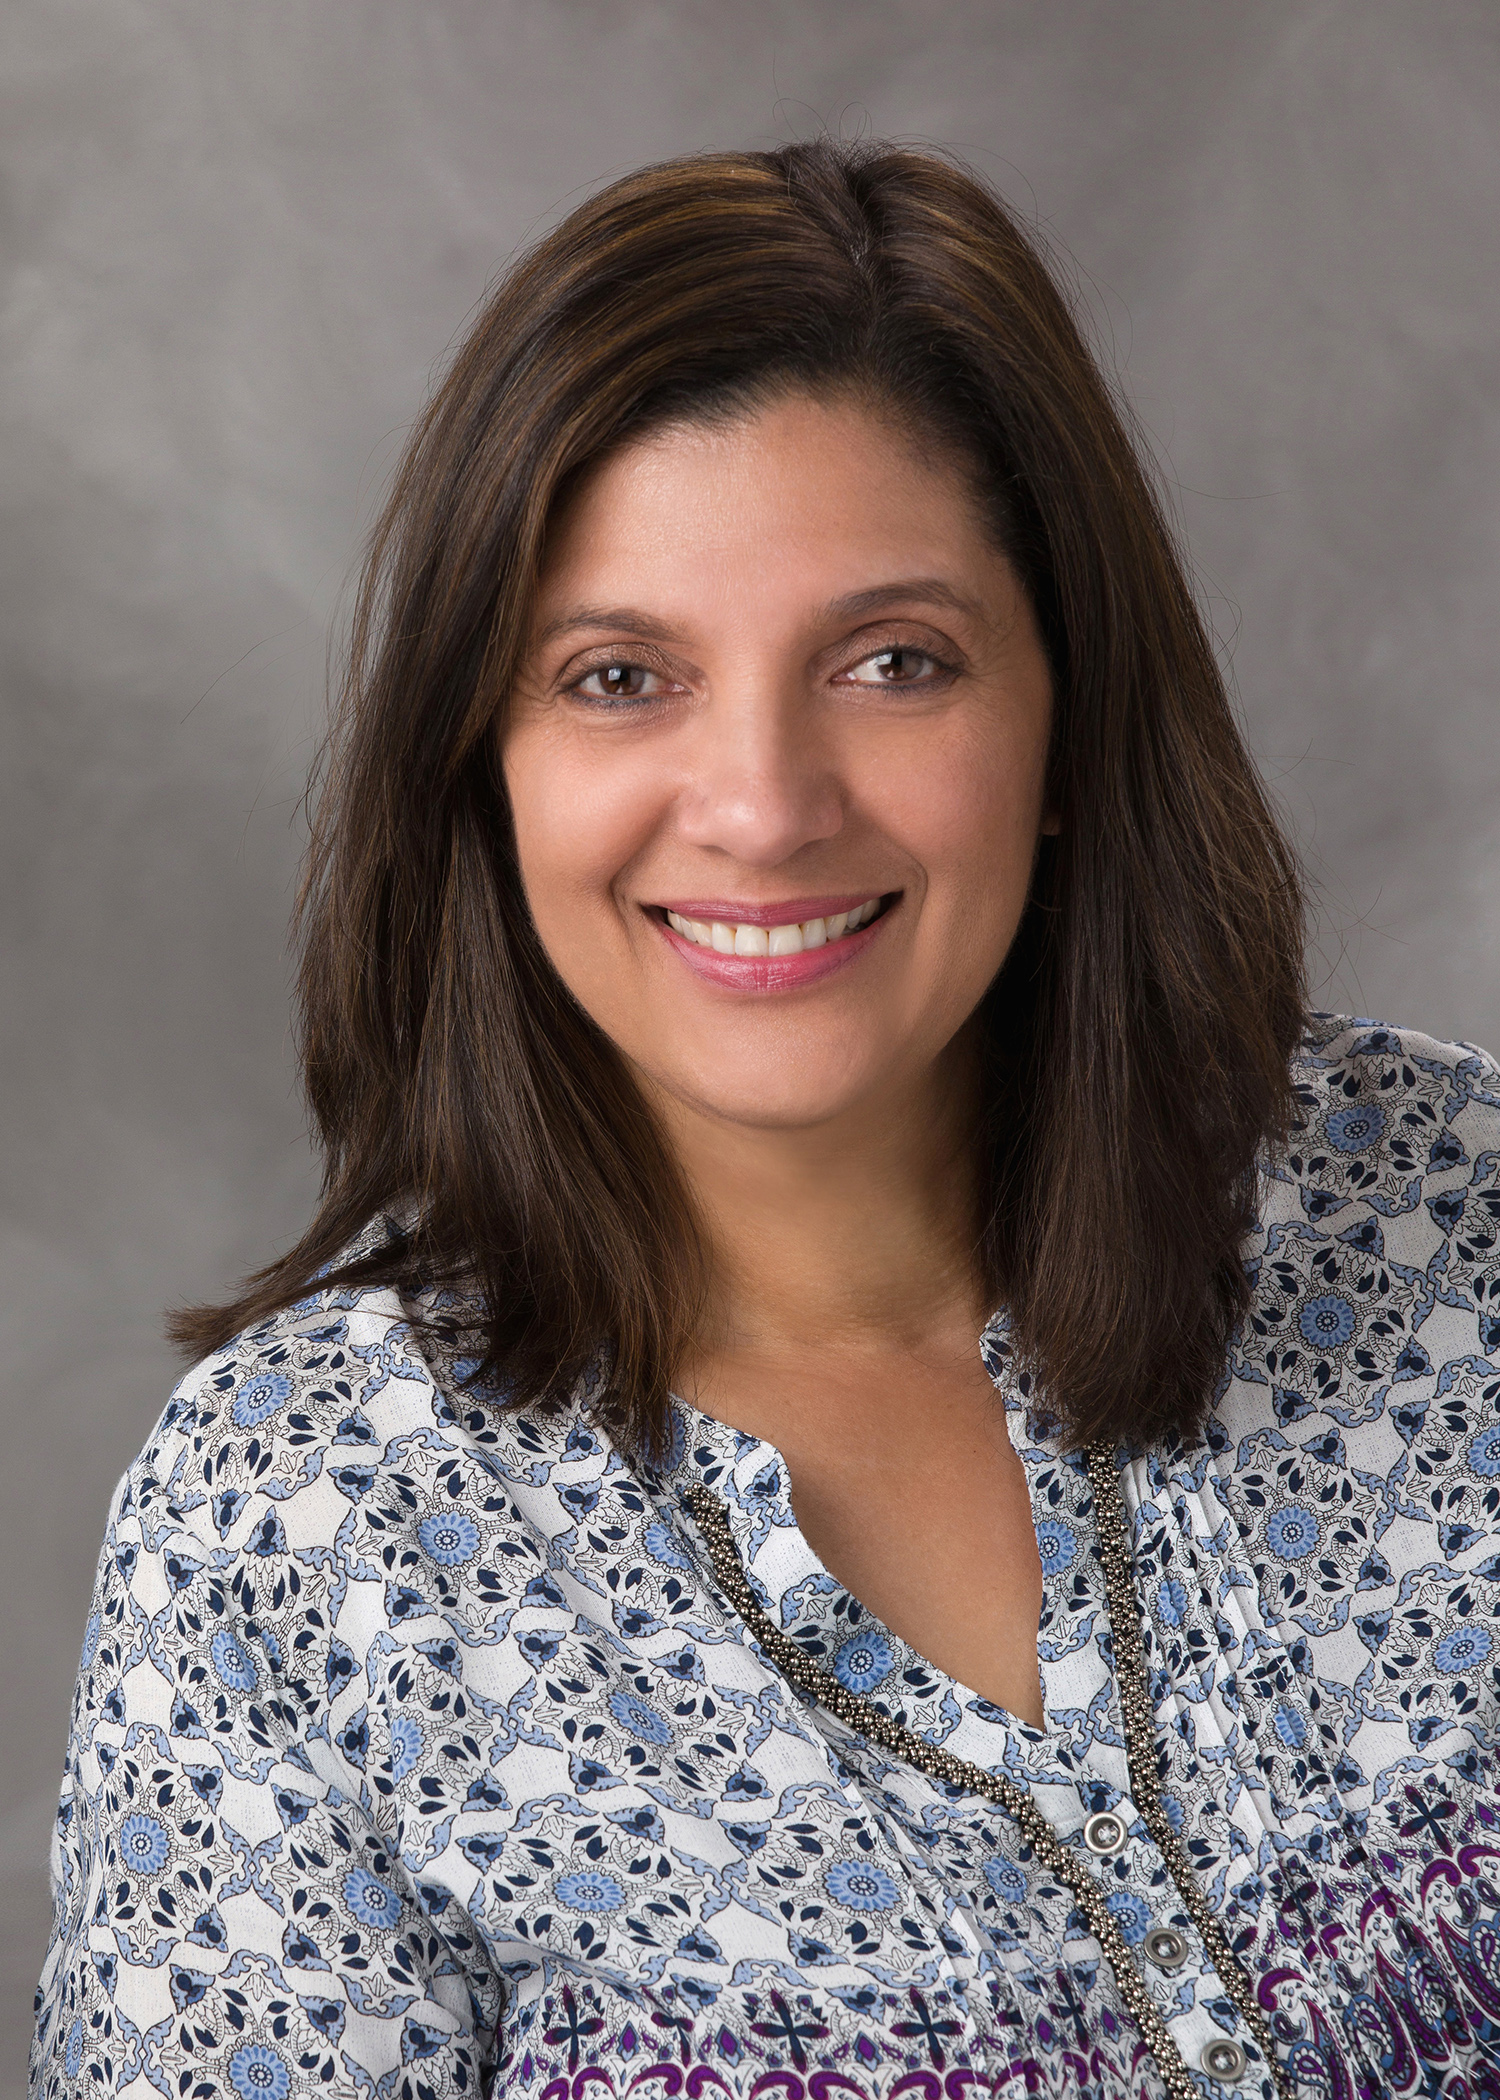 Lisa Delgado